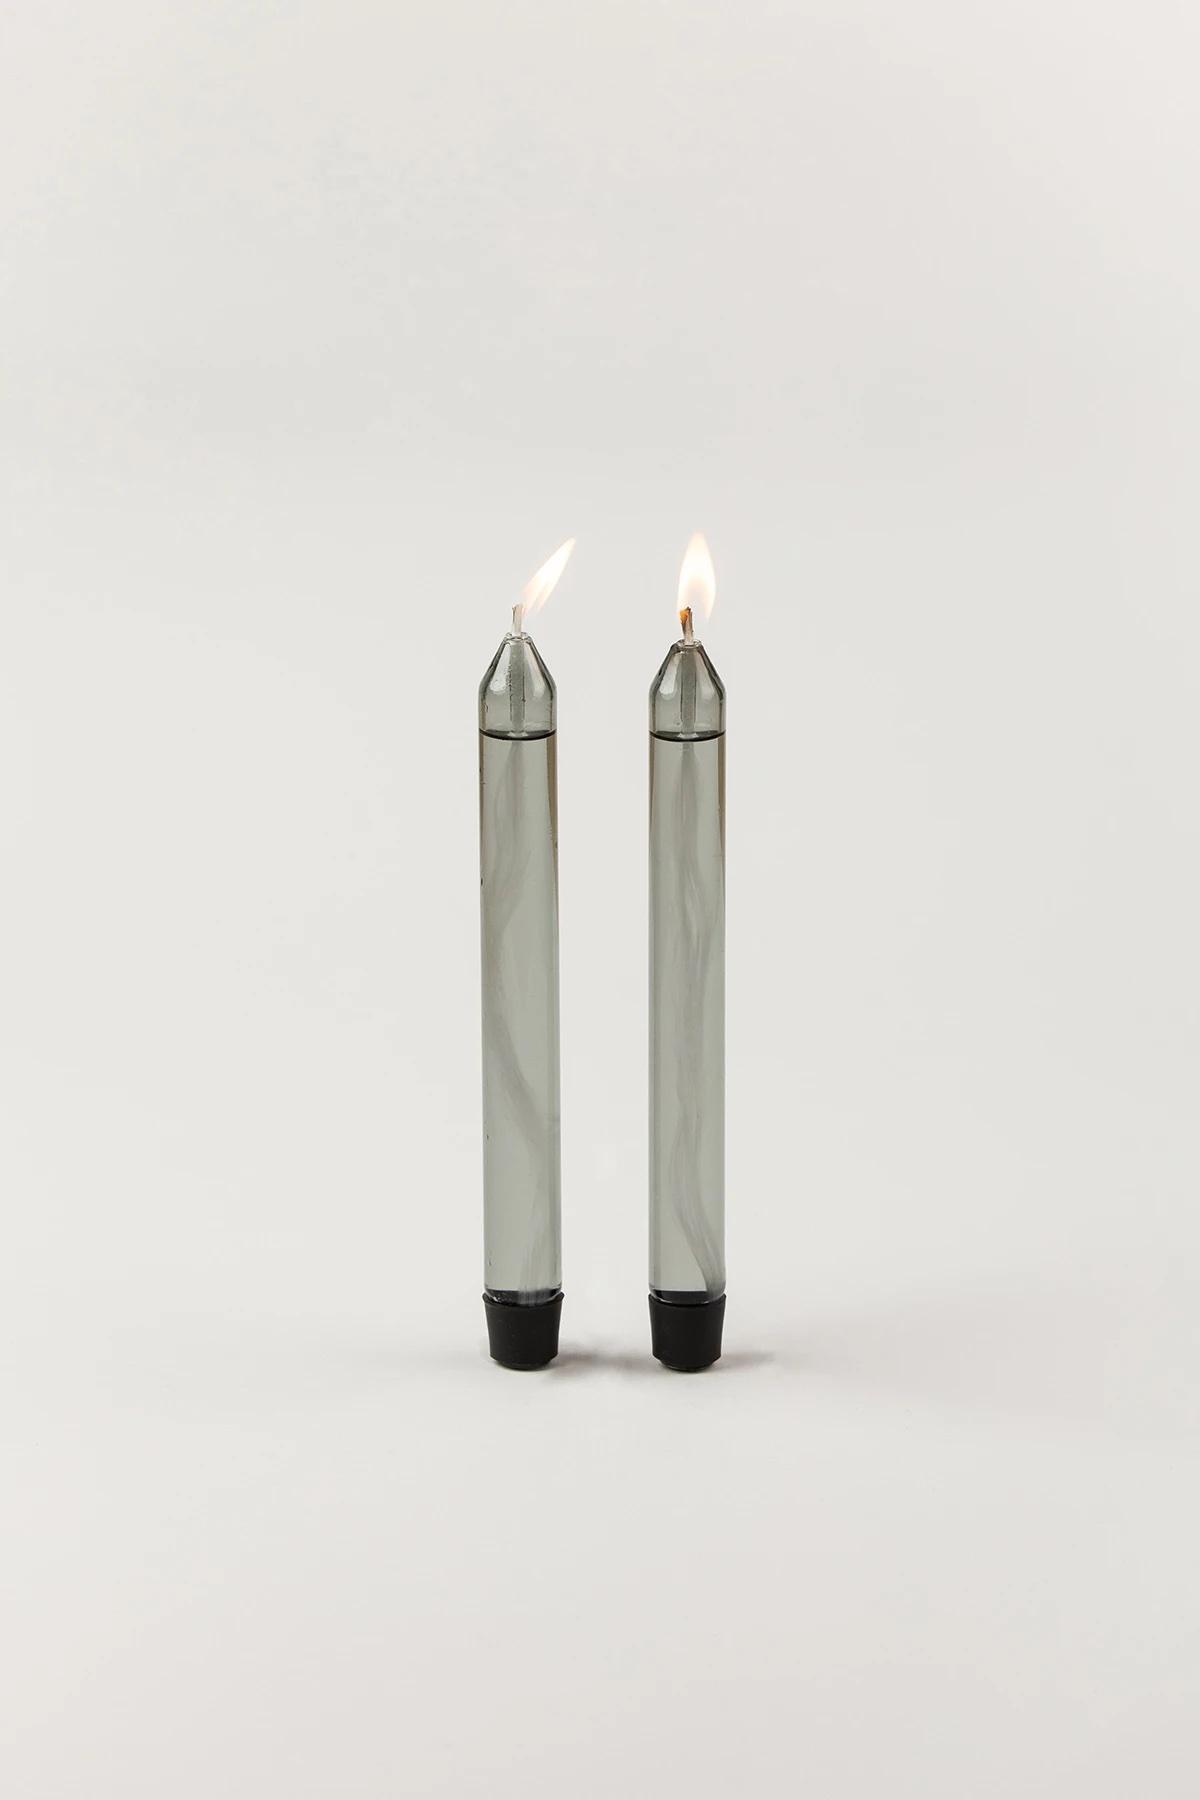 glaslys-olielys-smoke-studio-about